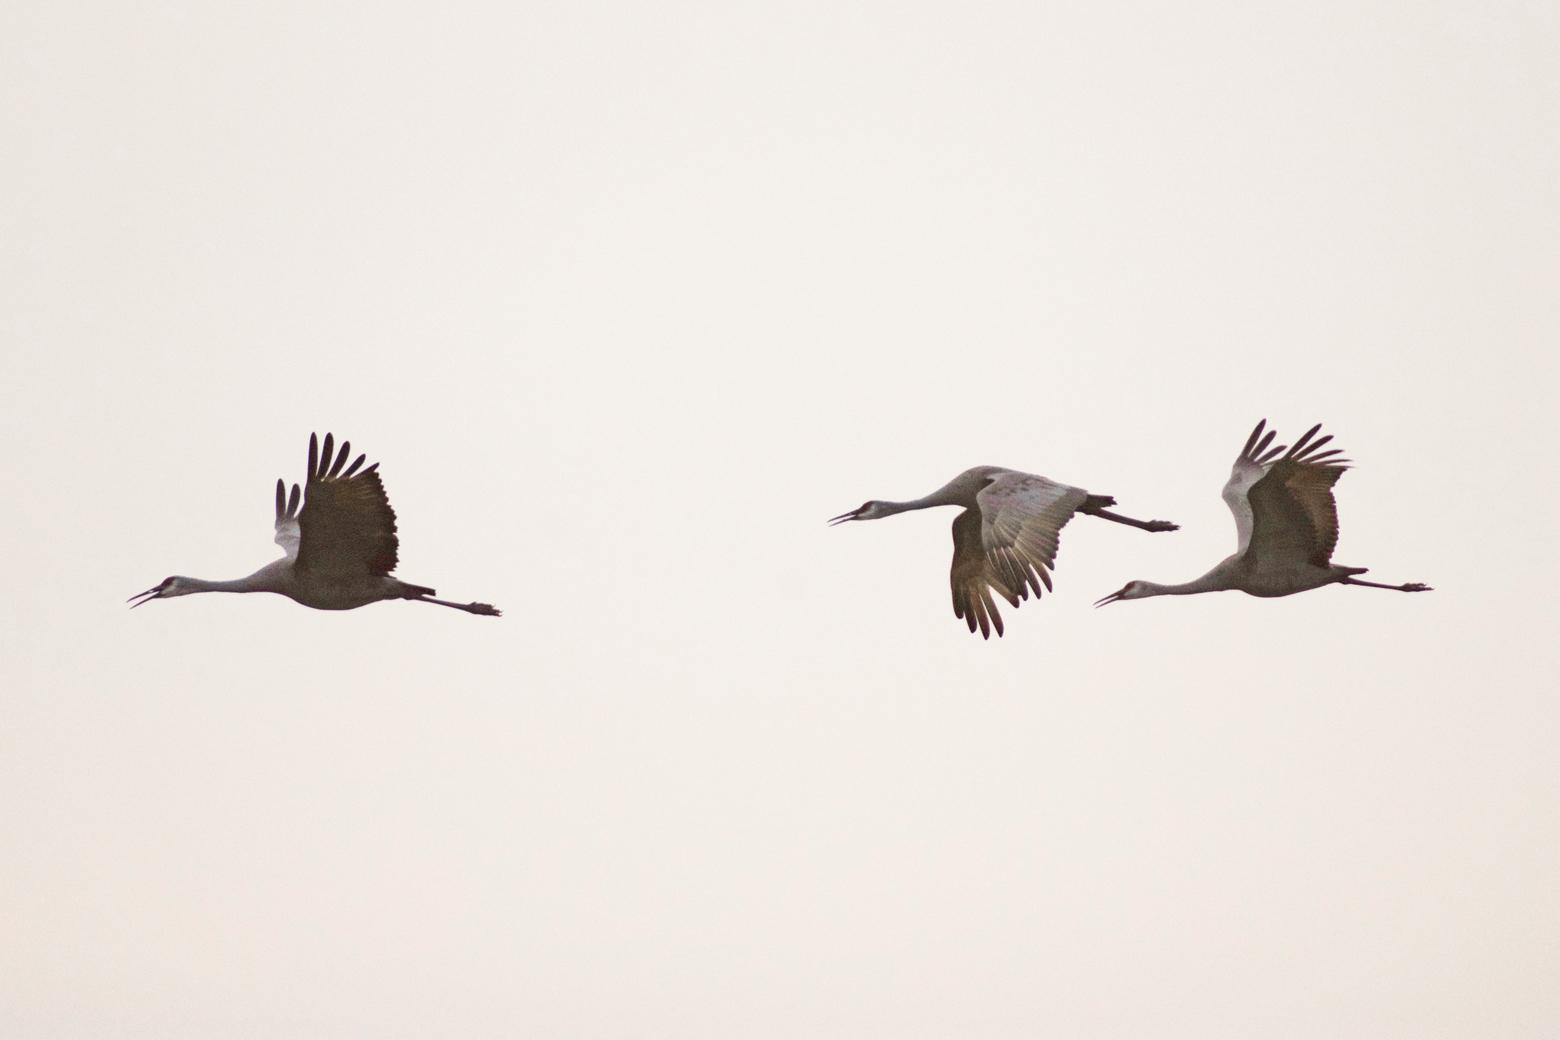 Three sandhill cranes flying at Cibola